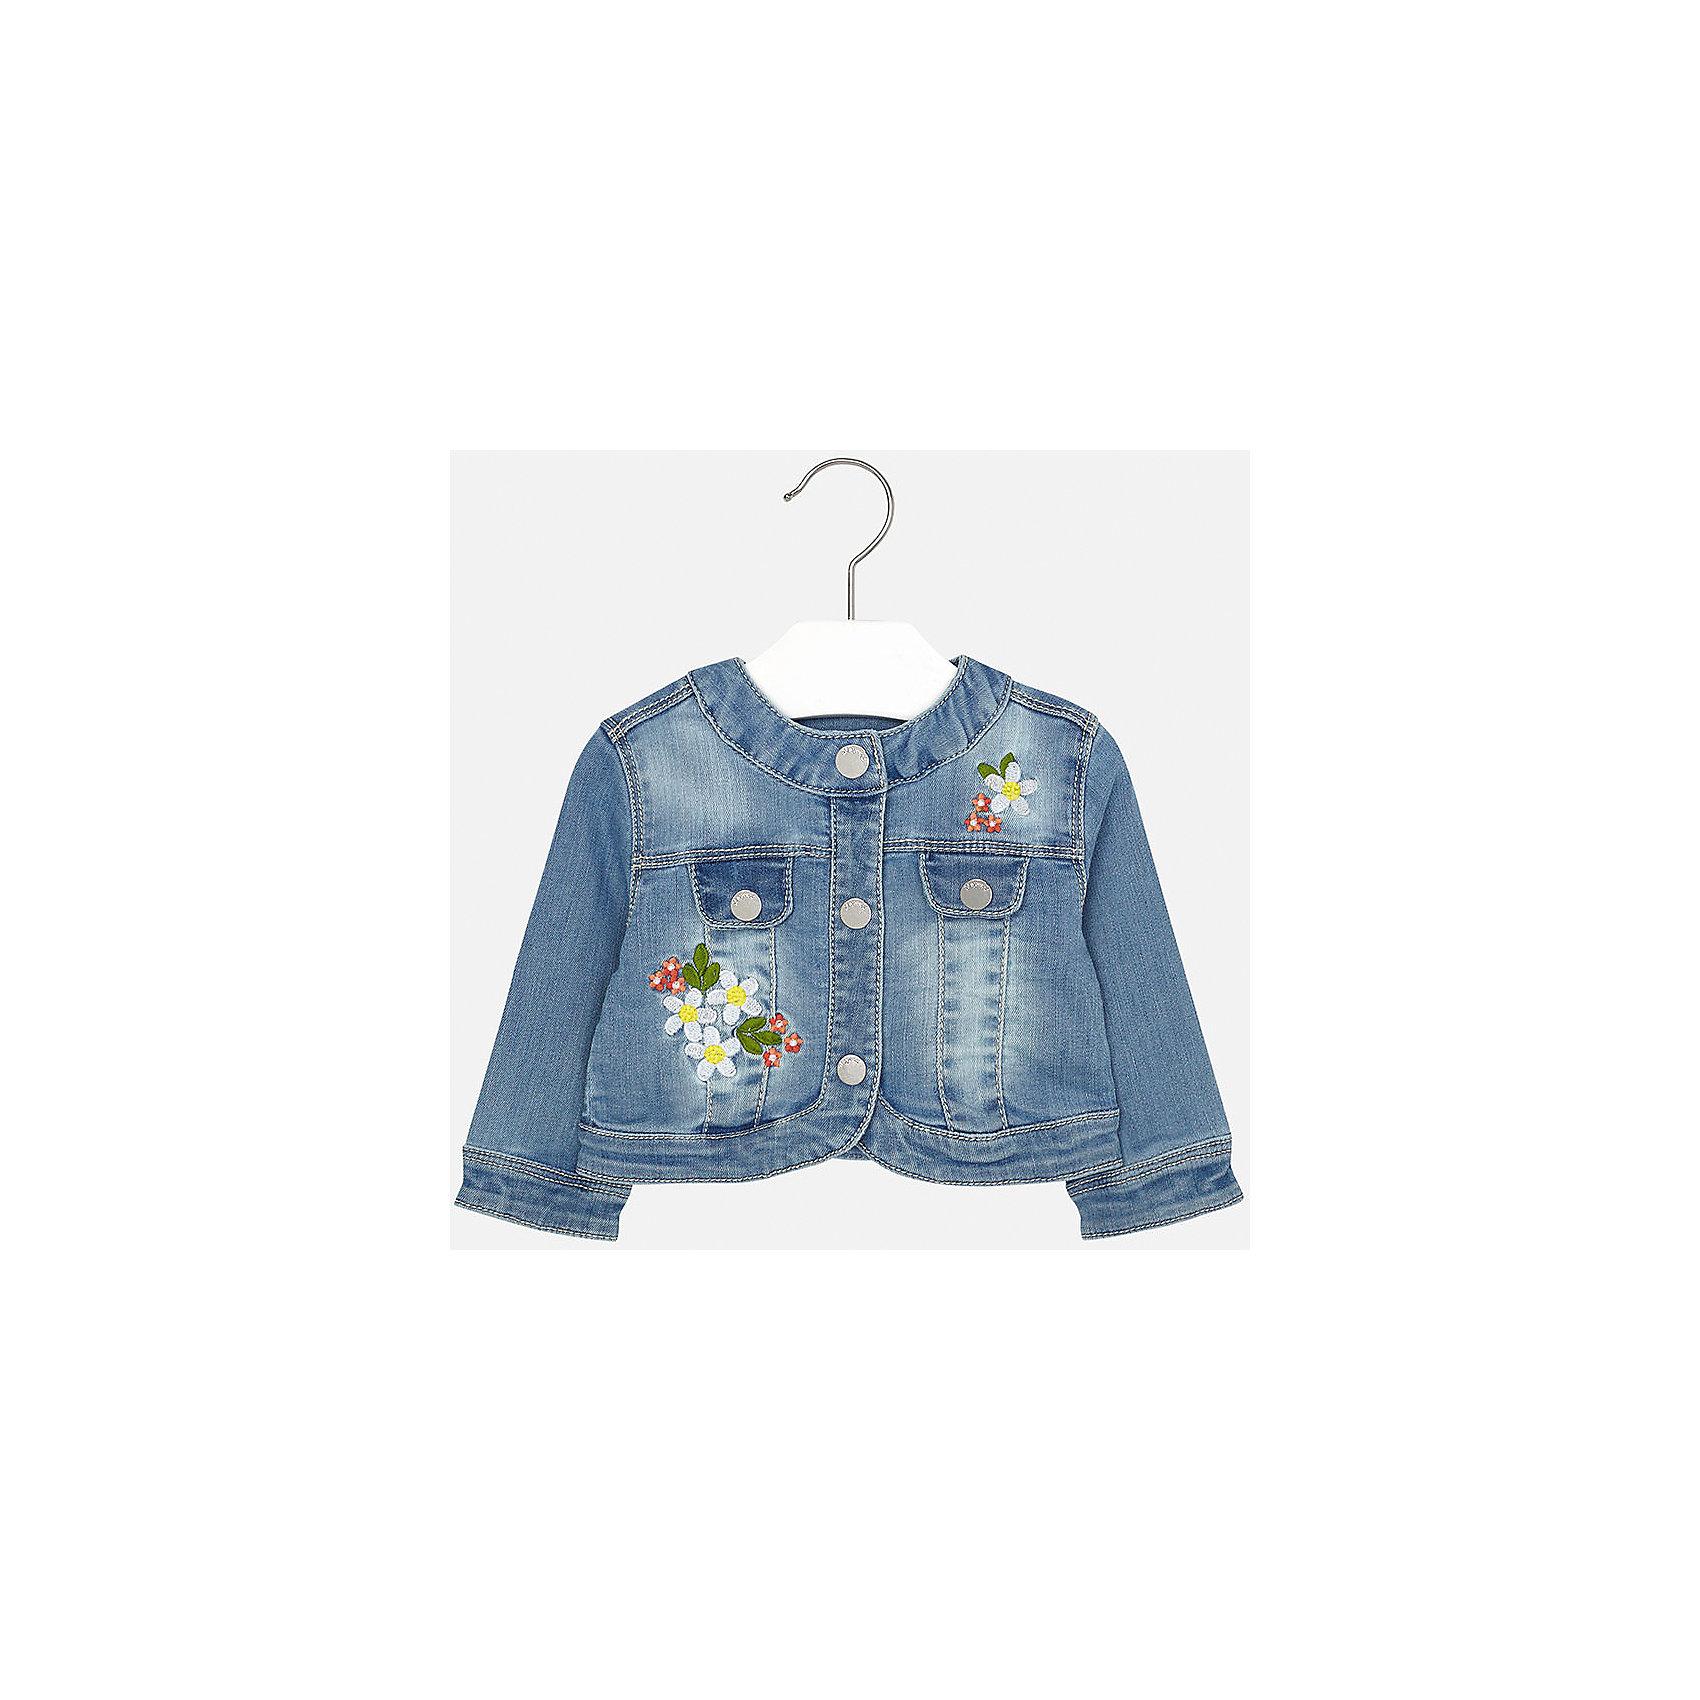 Куртка джинсовая для девочки MayoralВесенняя капель<br>Характеристики товара:<br><br>• цвет: синий<br>• состав: 81% хлопок, 17% полиэстер, 2% эластан<br>• застежка: кнопки<br>• карманы<br>• с длинными рукавами <br>• отложной воротник<br>• аппликация<br>• страна бренда: Испания<br><br>Модная удобная куртка для девочки поможет разнообразить гардероб ребенка. Она отлично сочетается и с юбками, и с брюками. Красивый цвет позволяет подобрать к вещи низ различных расцветок. Отличный способ придать наряду оригинальность!<br><br>Одежда, обувь и аксессуары от испанского бренда Mayoral полюбились детям и взрослым по всему миру. Модели этой марки - стильные и удобные. Для их производства используются только безопасные, качественные материалы и фурнитура. Порадуйте ребенка модными и красивыми вещами от Mayoral! <br><br>Куртку для девочки от испанского бренда Mayoral (Майорал) можно купить в нашем интернет-магазине.<br><br>Ширина мм: 356<br>Глубина мм: 10<br>Высота мм: 245<br>Вес г: 519<br>Цвет: синий<br>Возраст от месяцев: 6<br>Возраст до месяцев: 9<br>Пол: Женский<br>Возраст: Детский<br>Размер: 74,92,80,86<br>SKU: 5288936